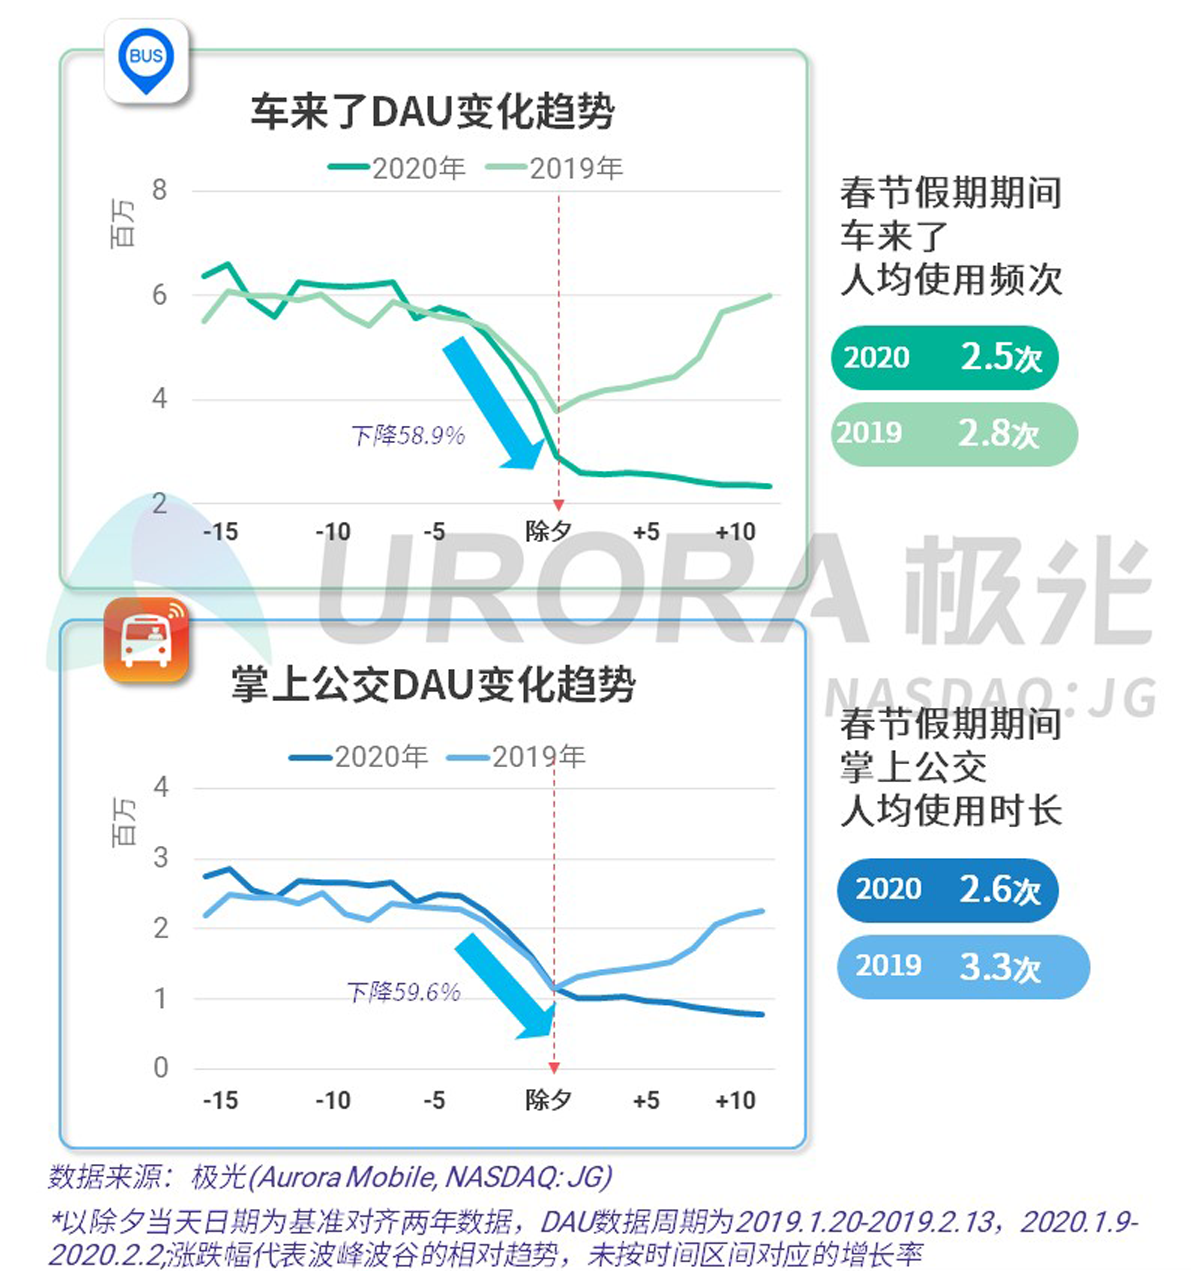 2020年春节移动互联行业热点观察V20-26.png